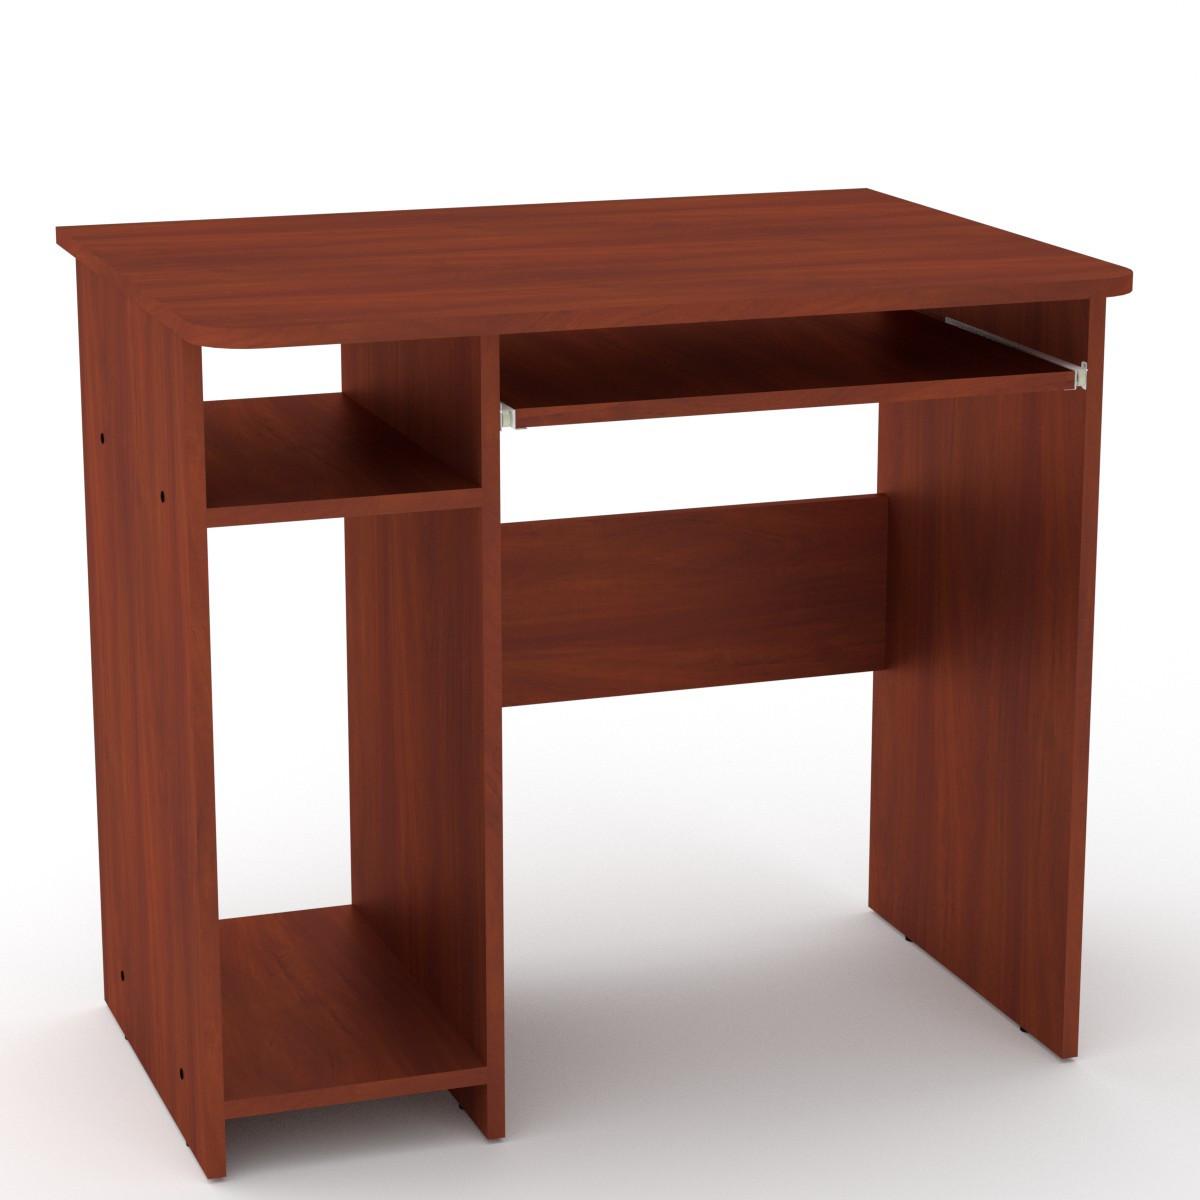 Стол компьютерный СКМ-12 яблоня Компанит (82х60х74 см)